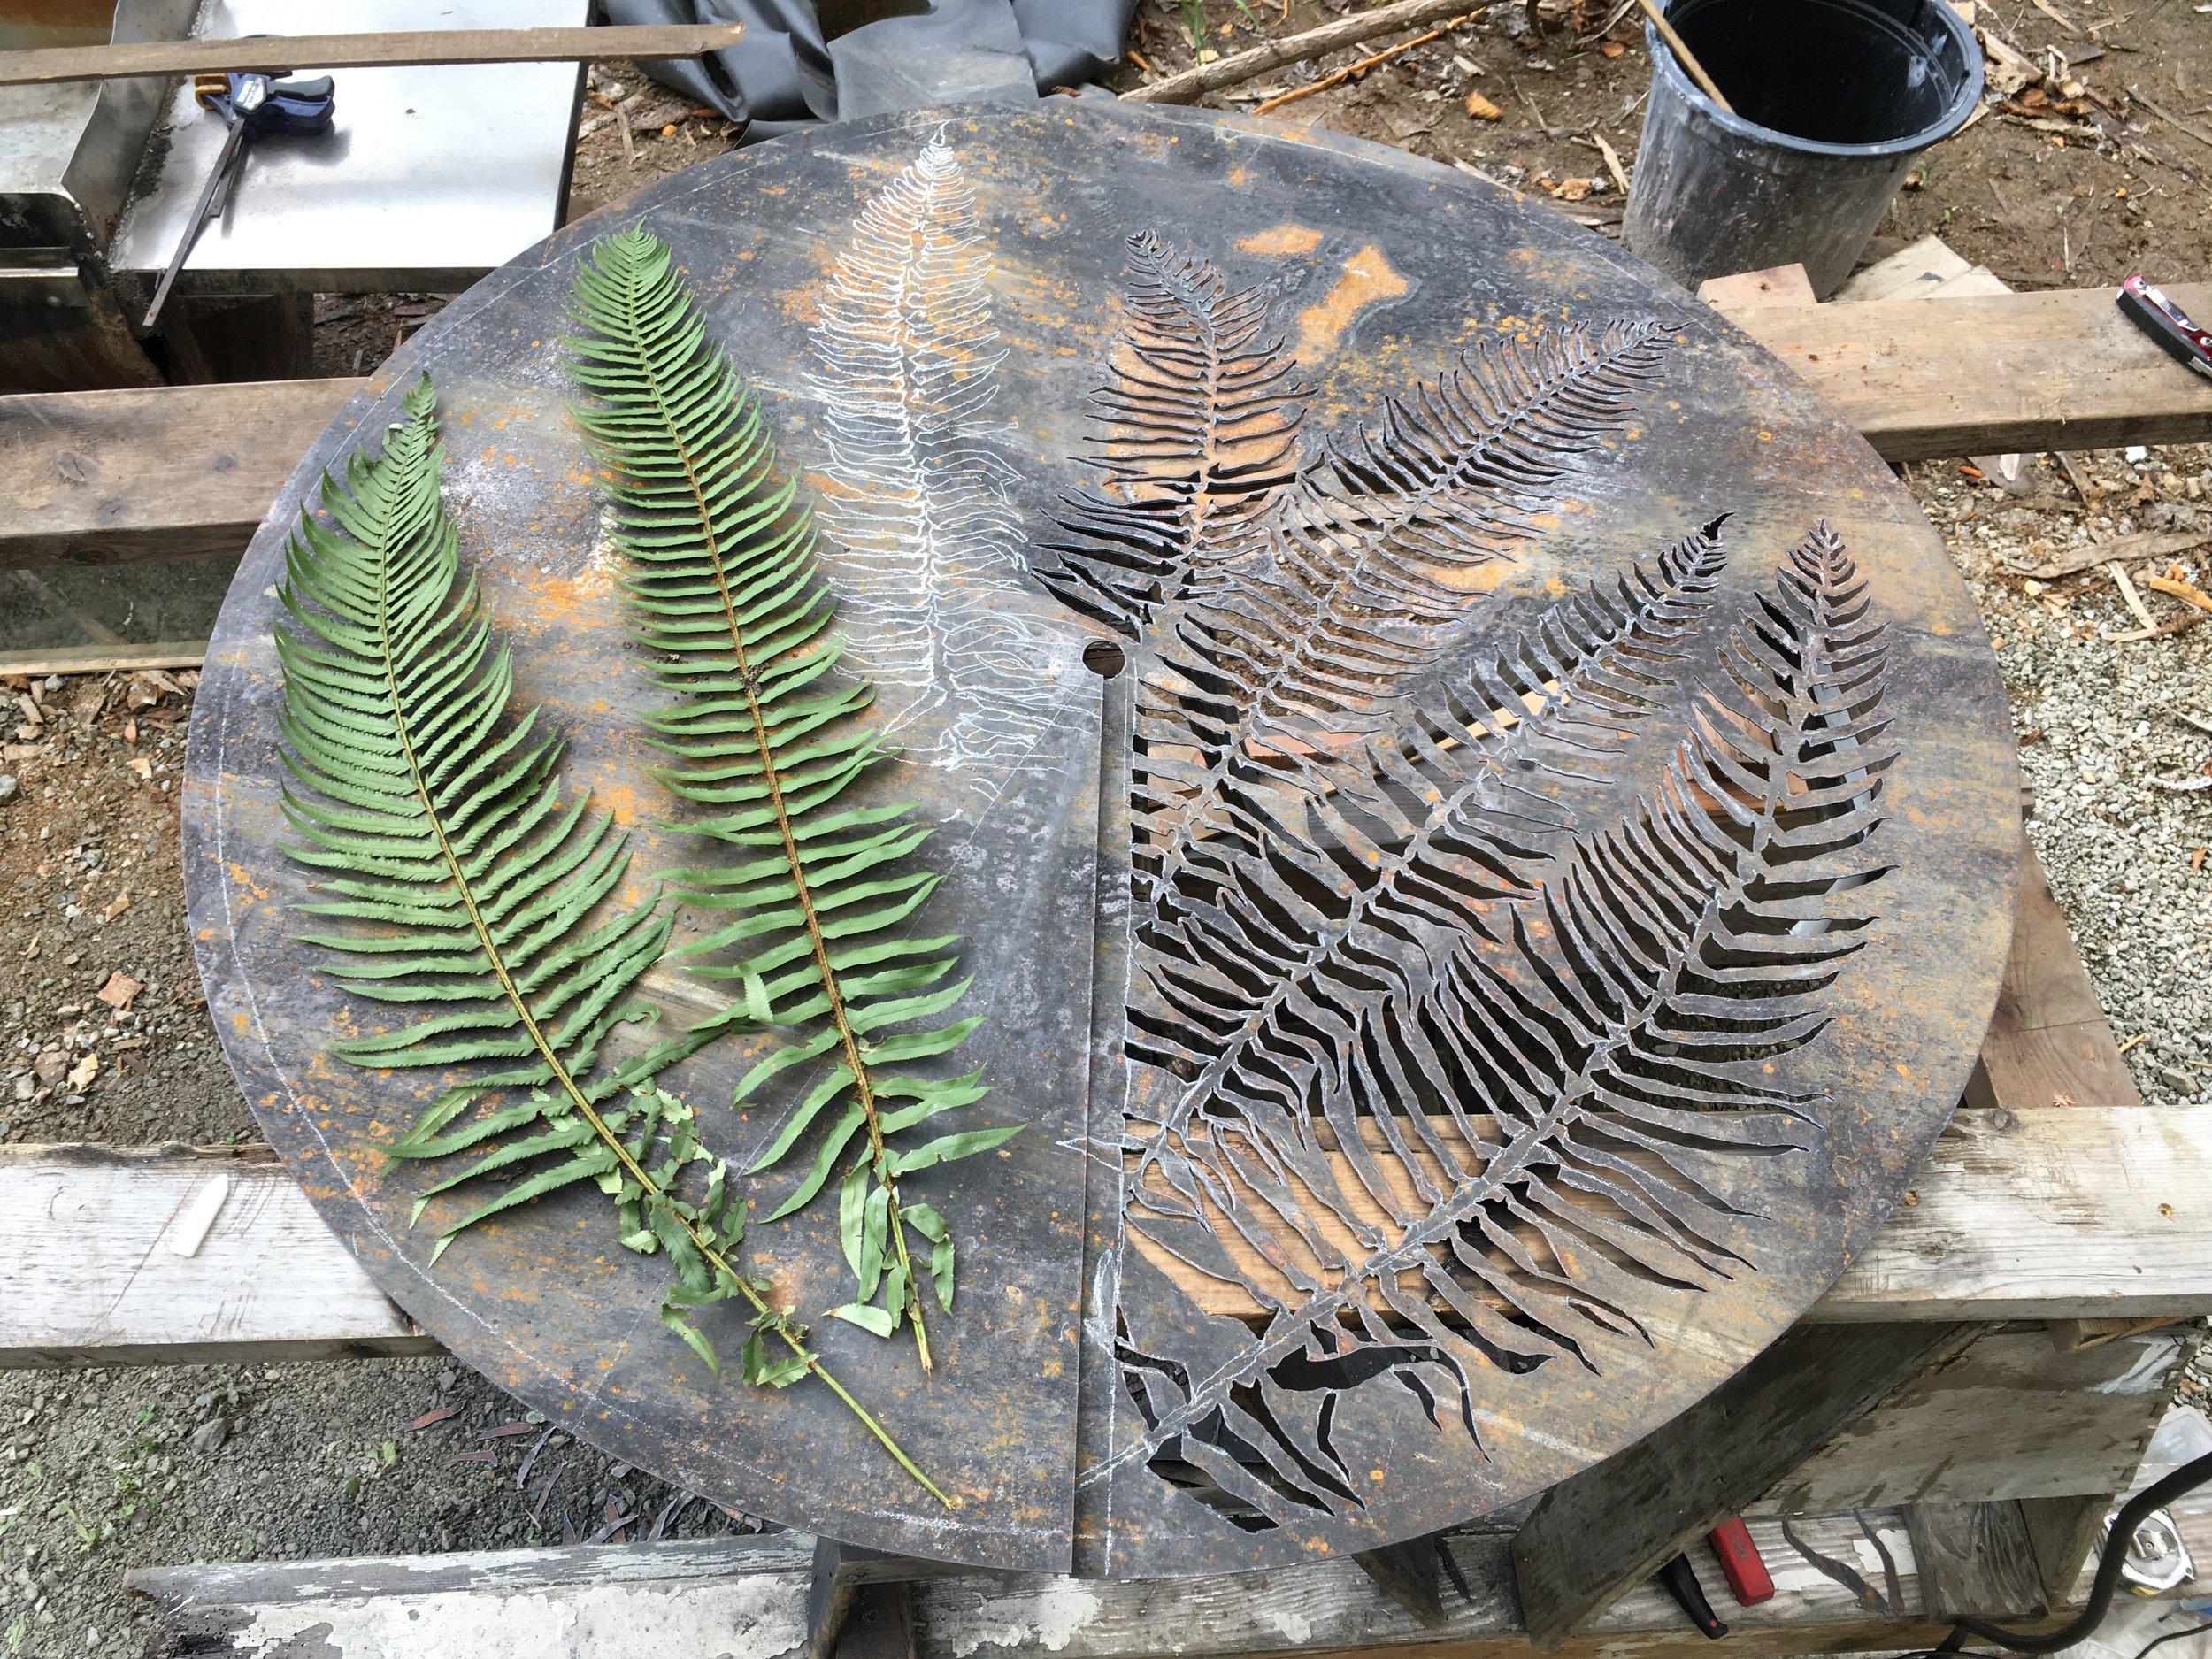 fern sconce (in process)